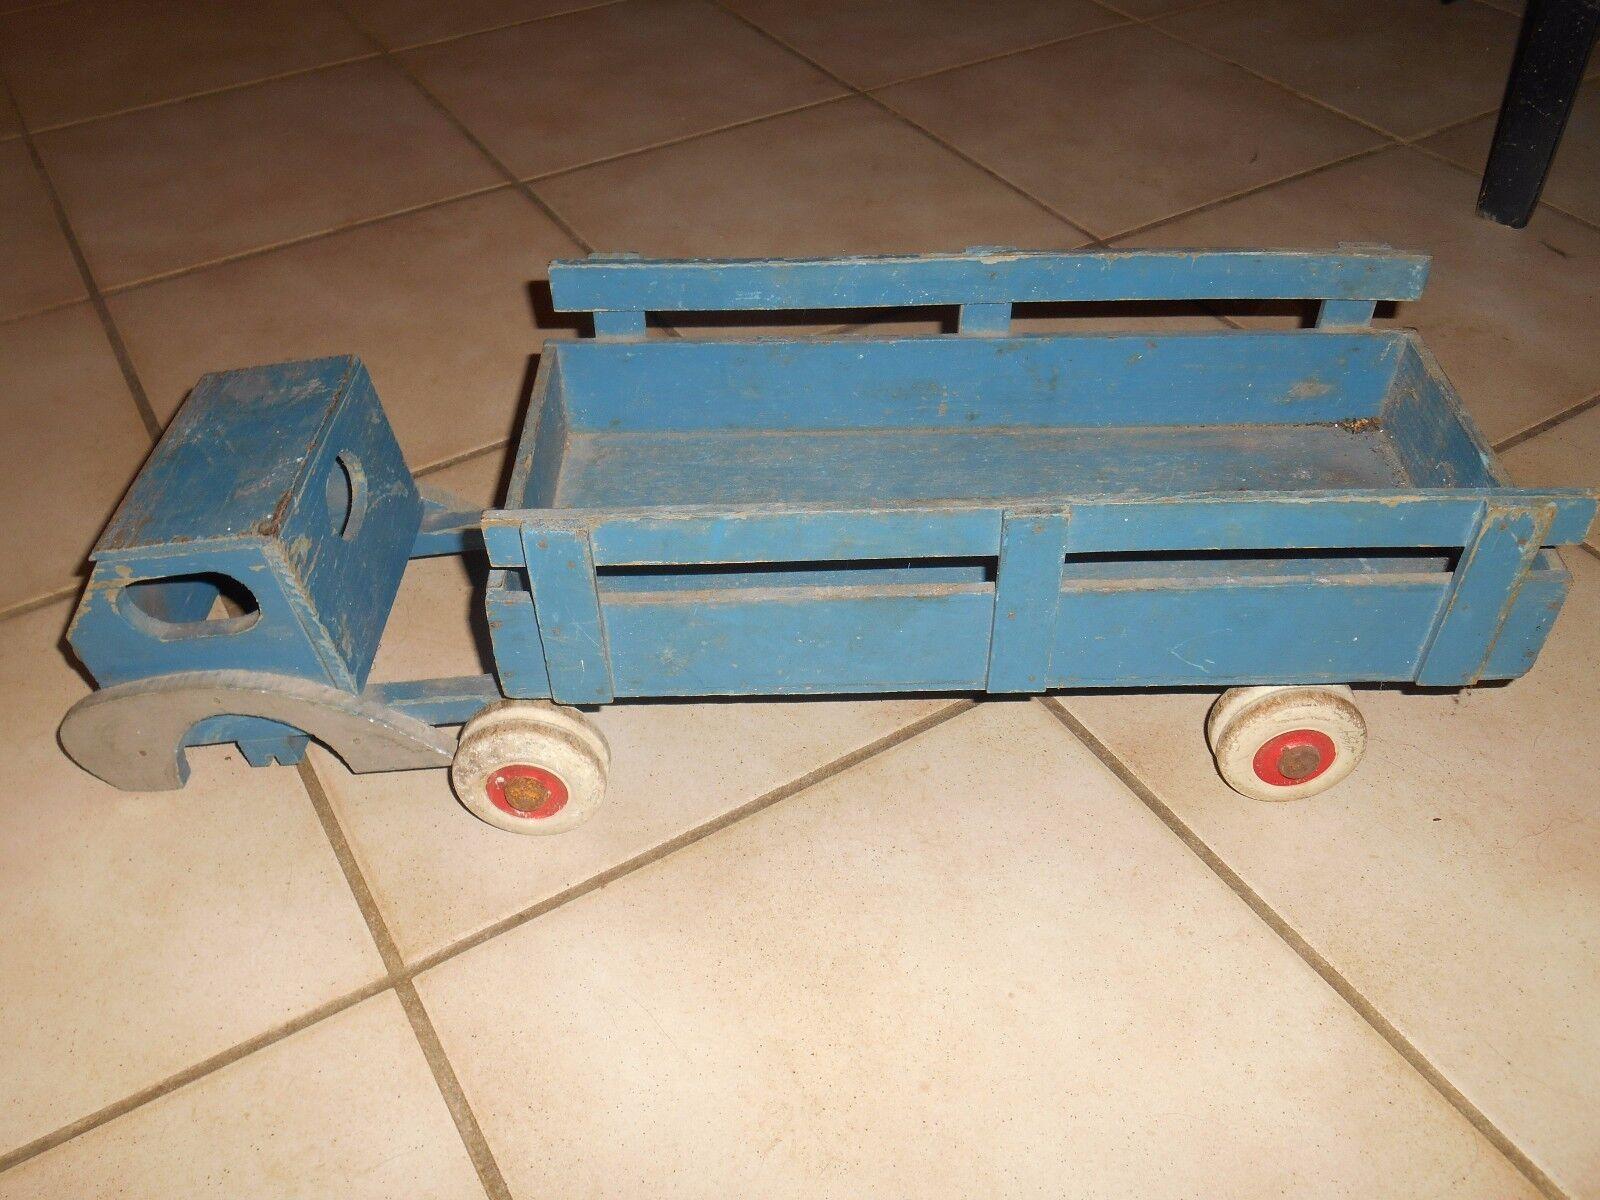 Ancien Camion Semi Remorque Bois Bleu à rénover compléter Genre Dejou  benne